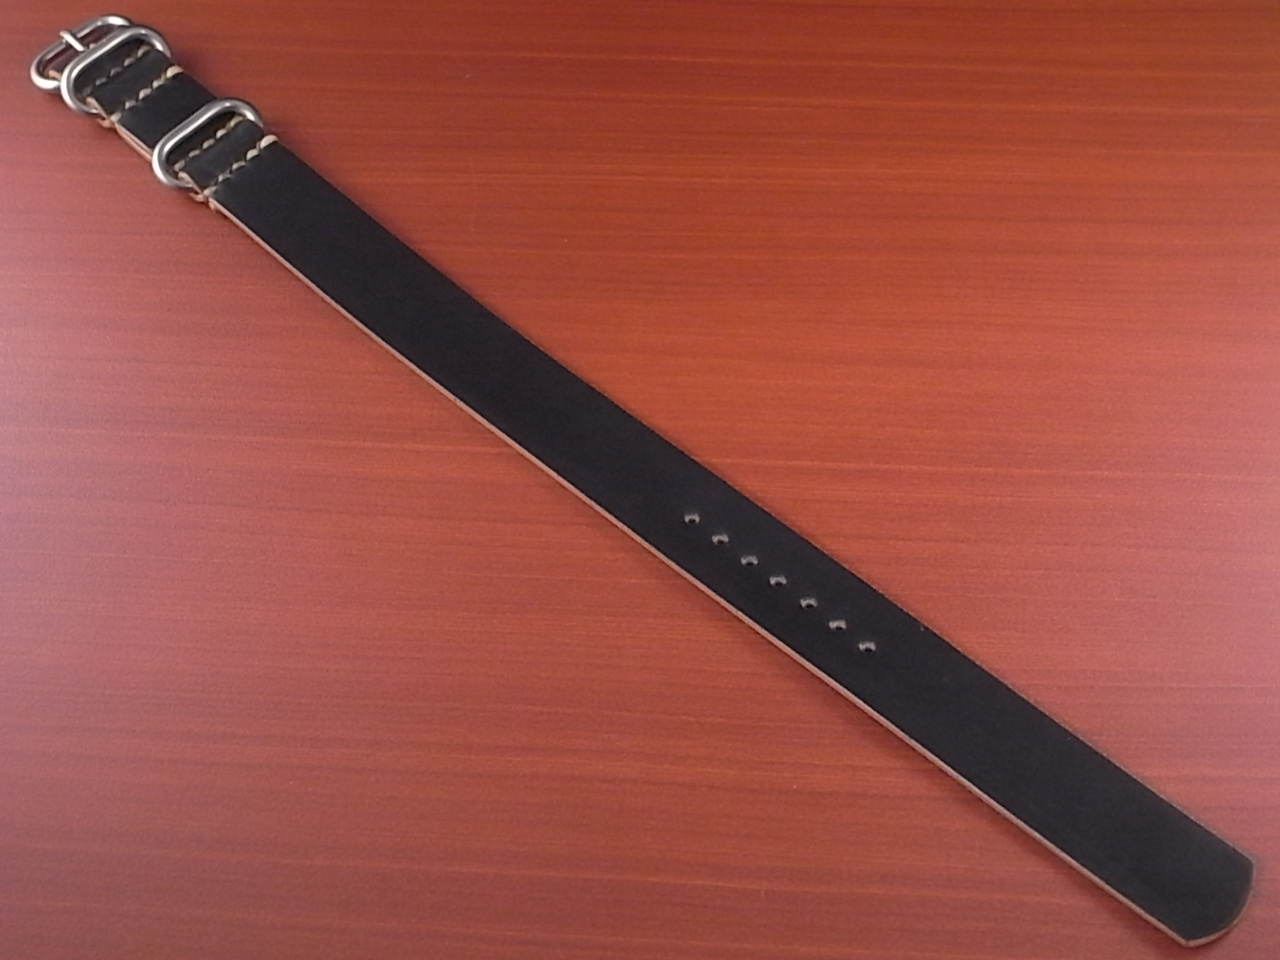 ホーウィン コードバン 引き通し革ベルト ブラック 17~24mm 受注生産のメイン写真